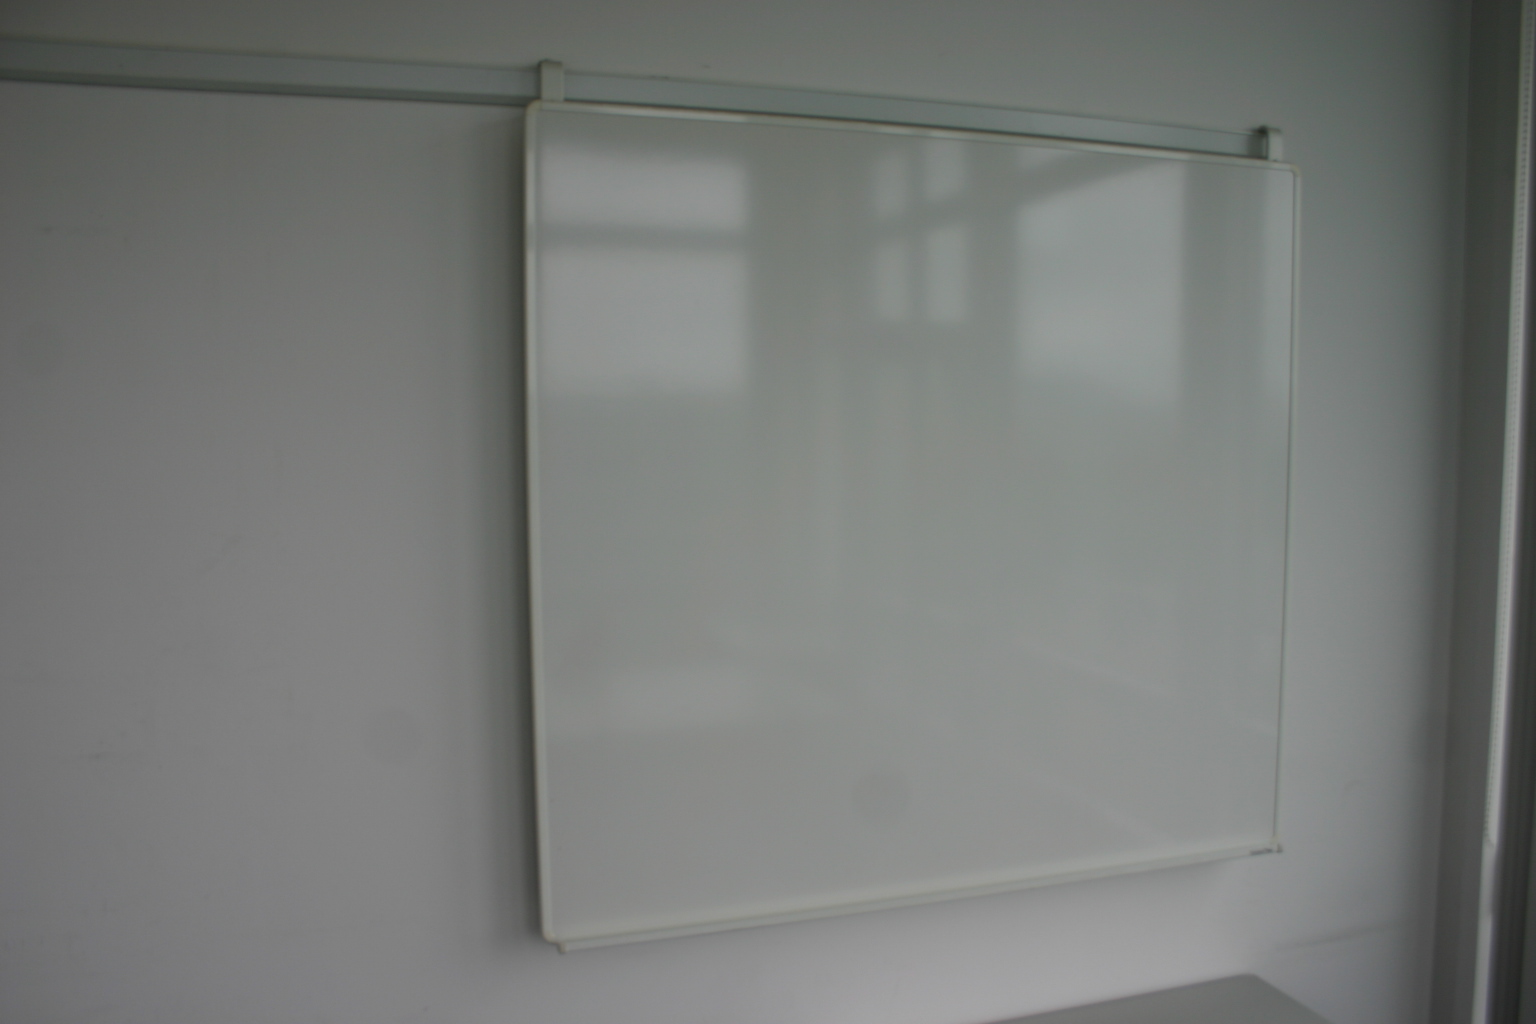 whiteboard mit wandschiene gr e 89 x 120 cm magnetisch. Black Bedroom Furniture Sets. Home Design Ideas